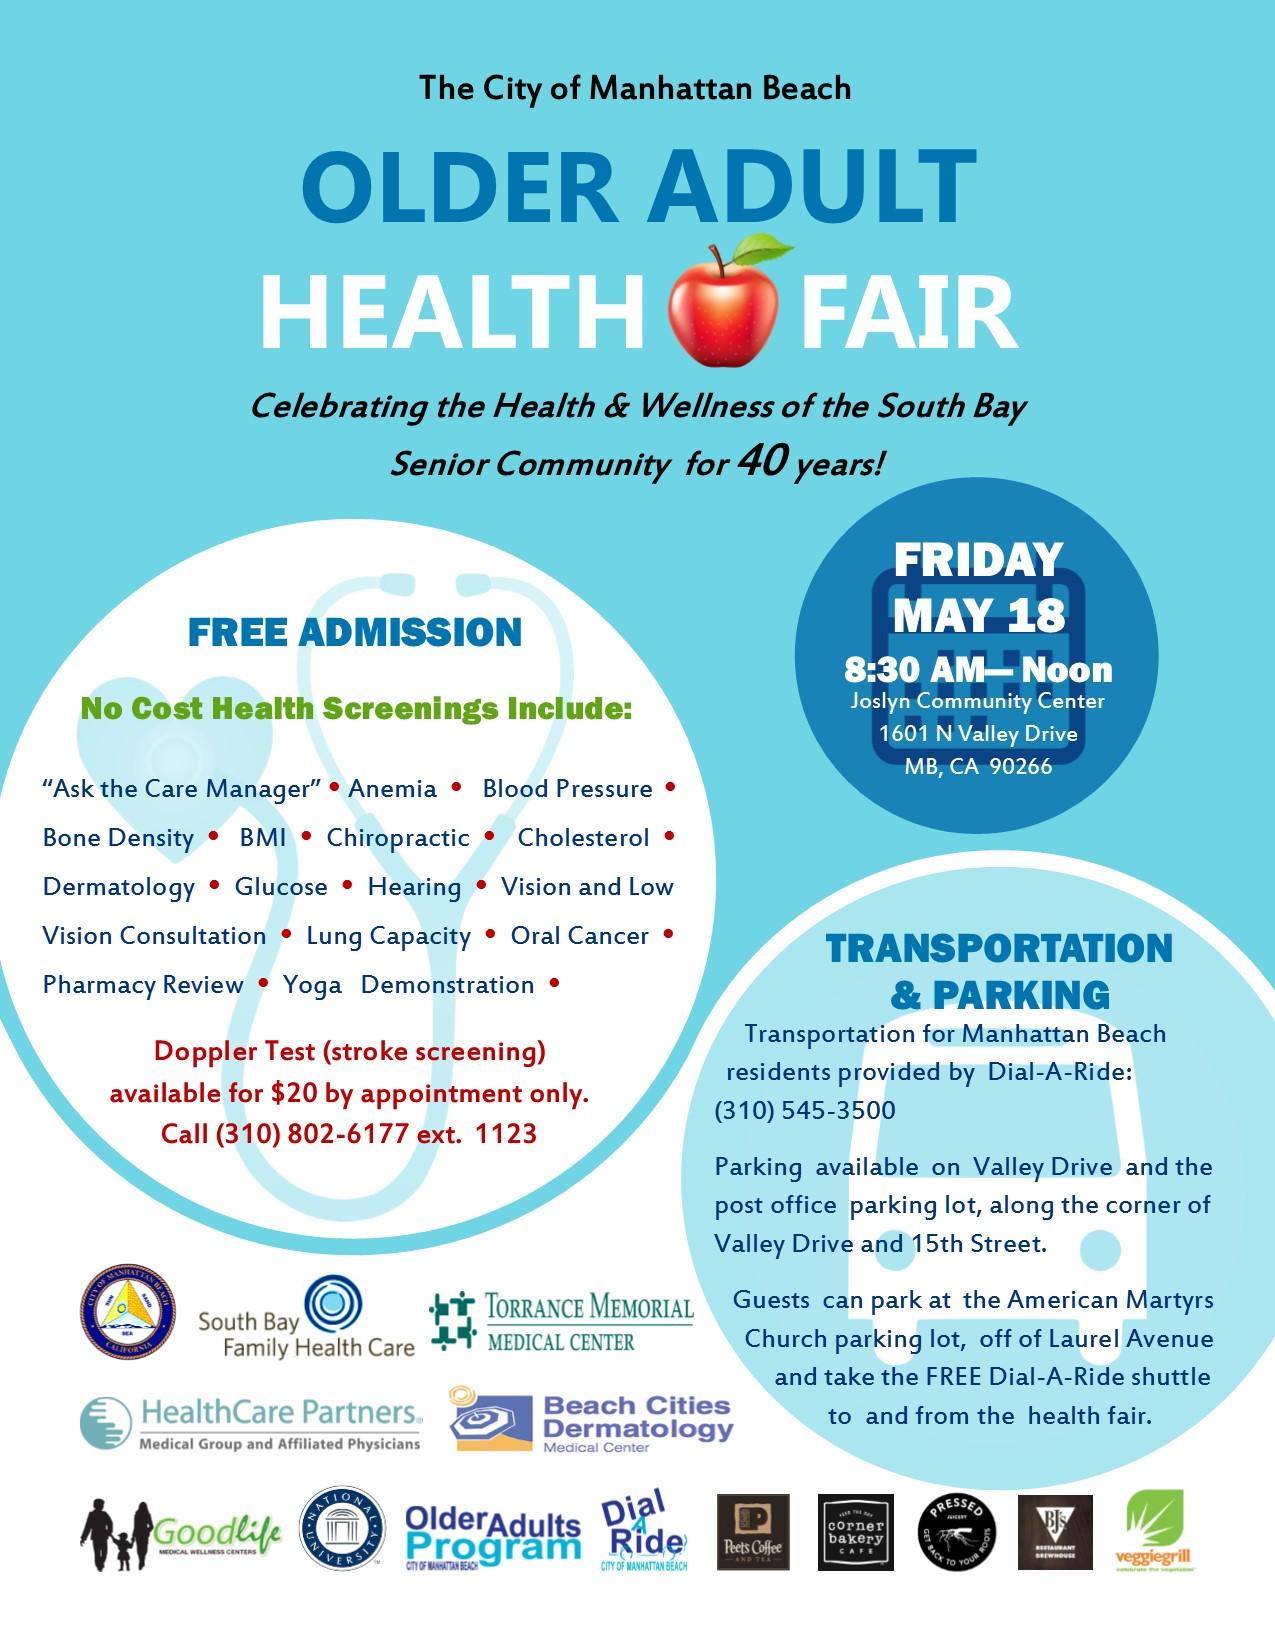 Older Adults Health Fair Flyer 2018